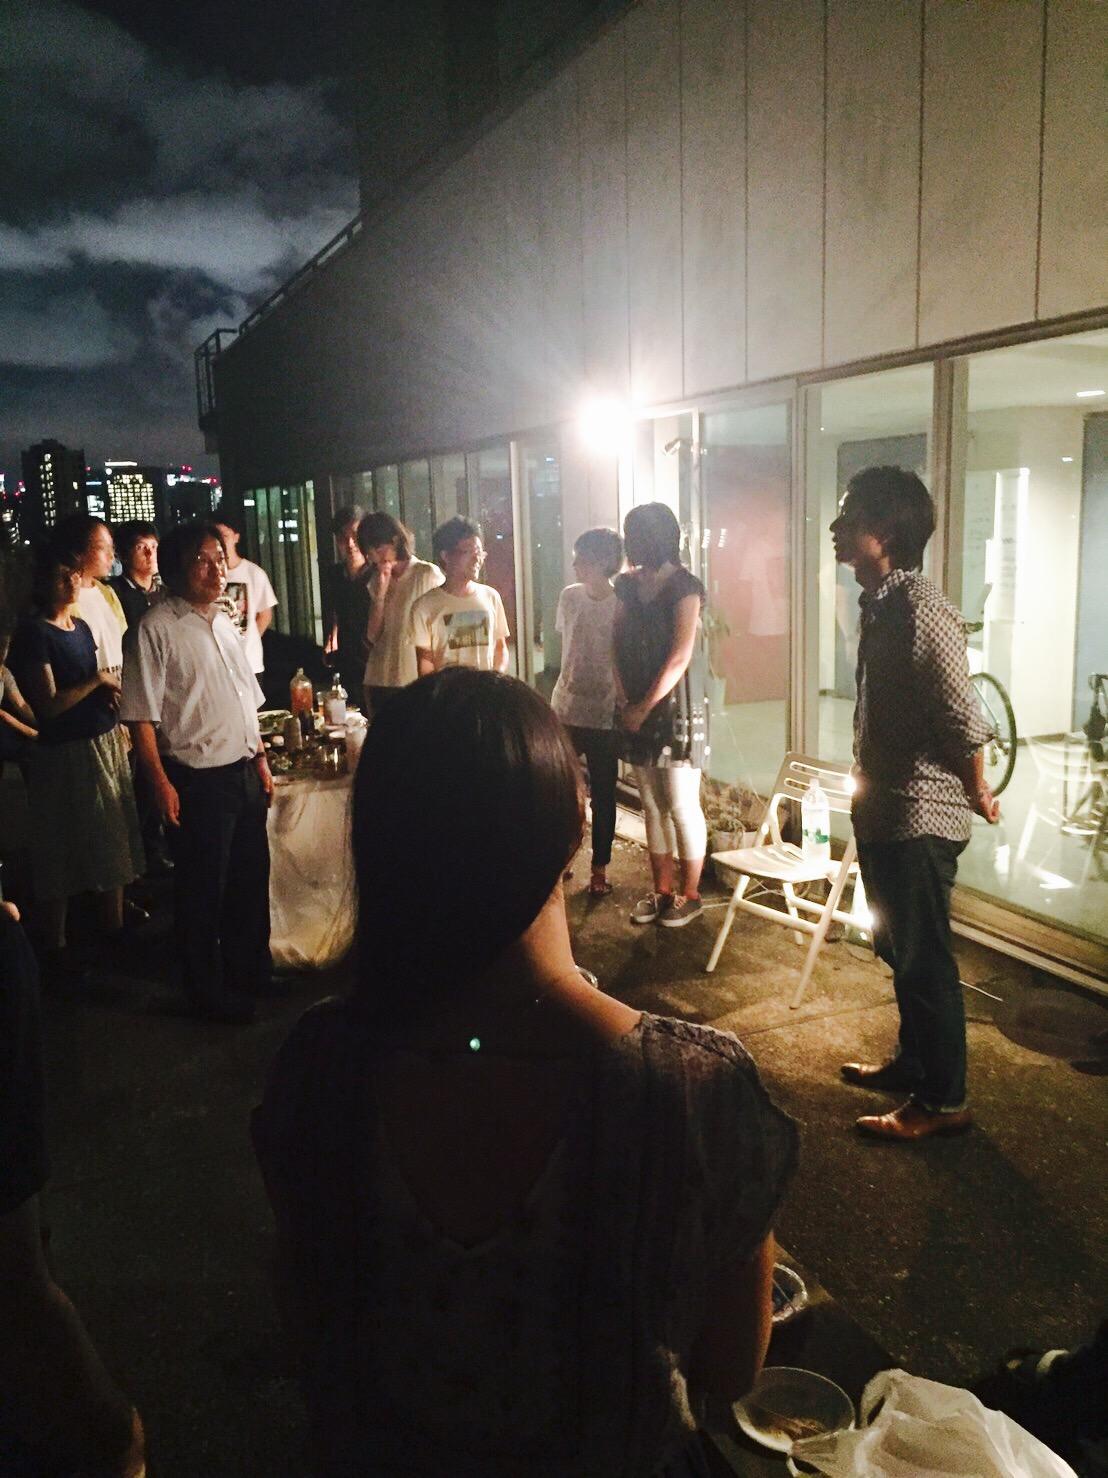 http://ud.t.u-tokyo.ac.jp/blog/_images/FullSizeRender-1.jpg